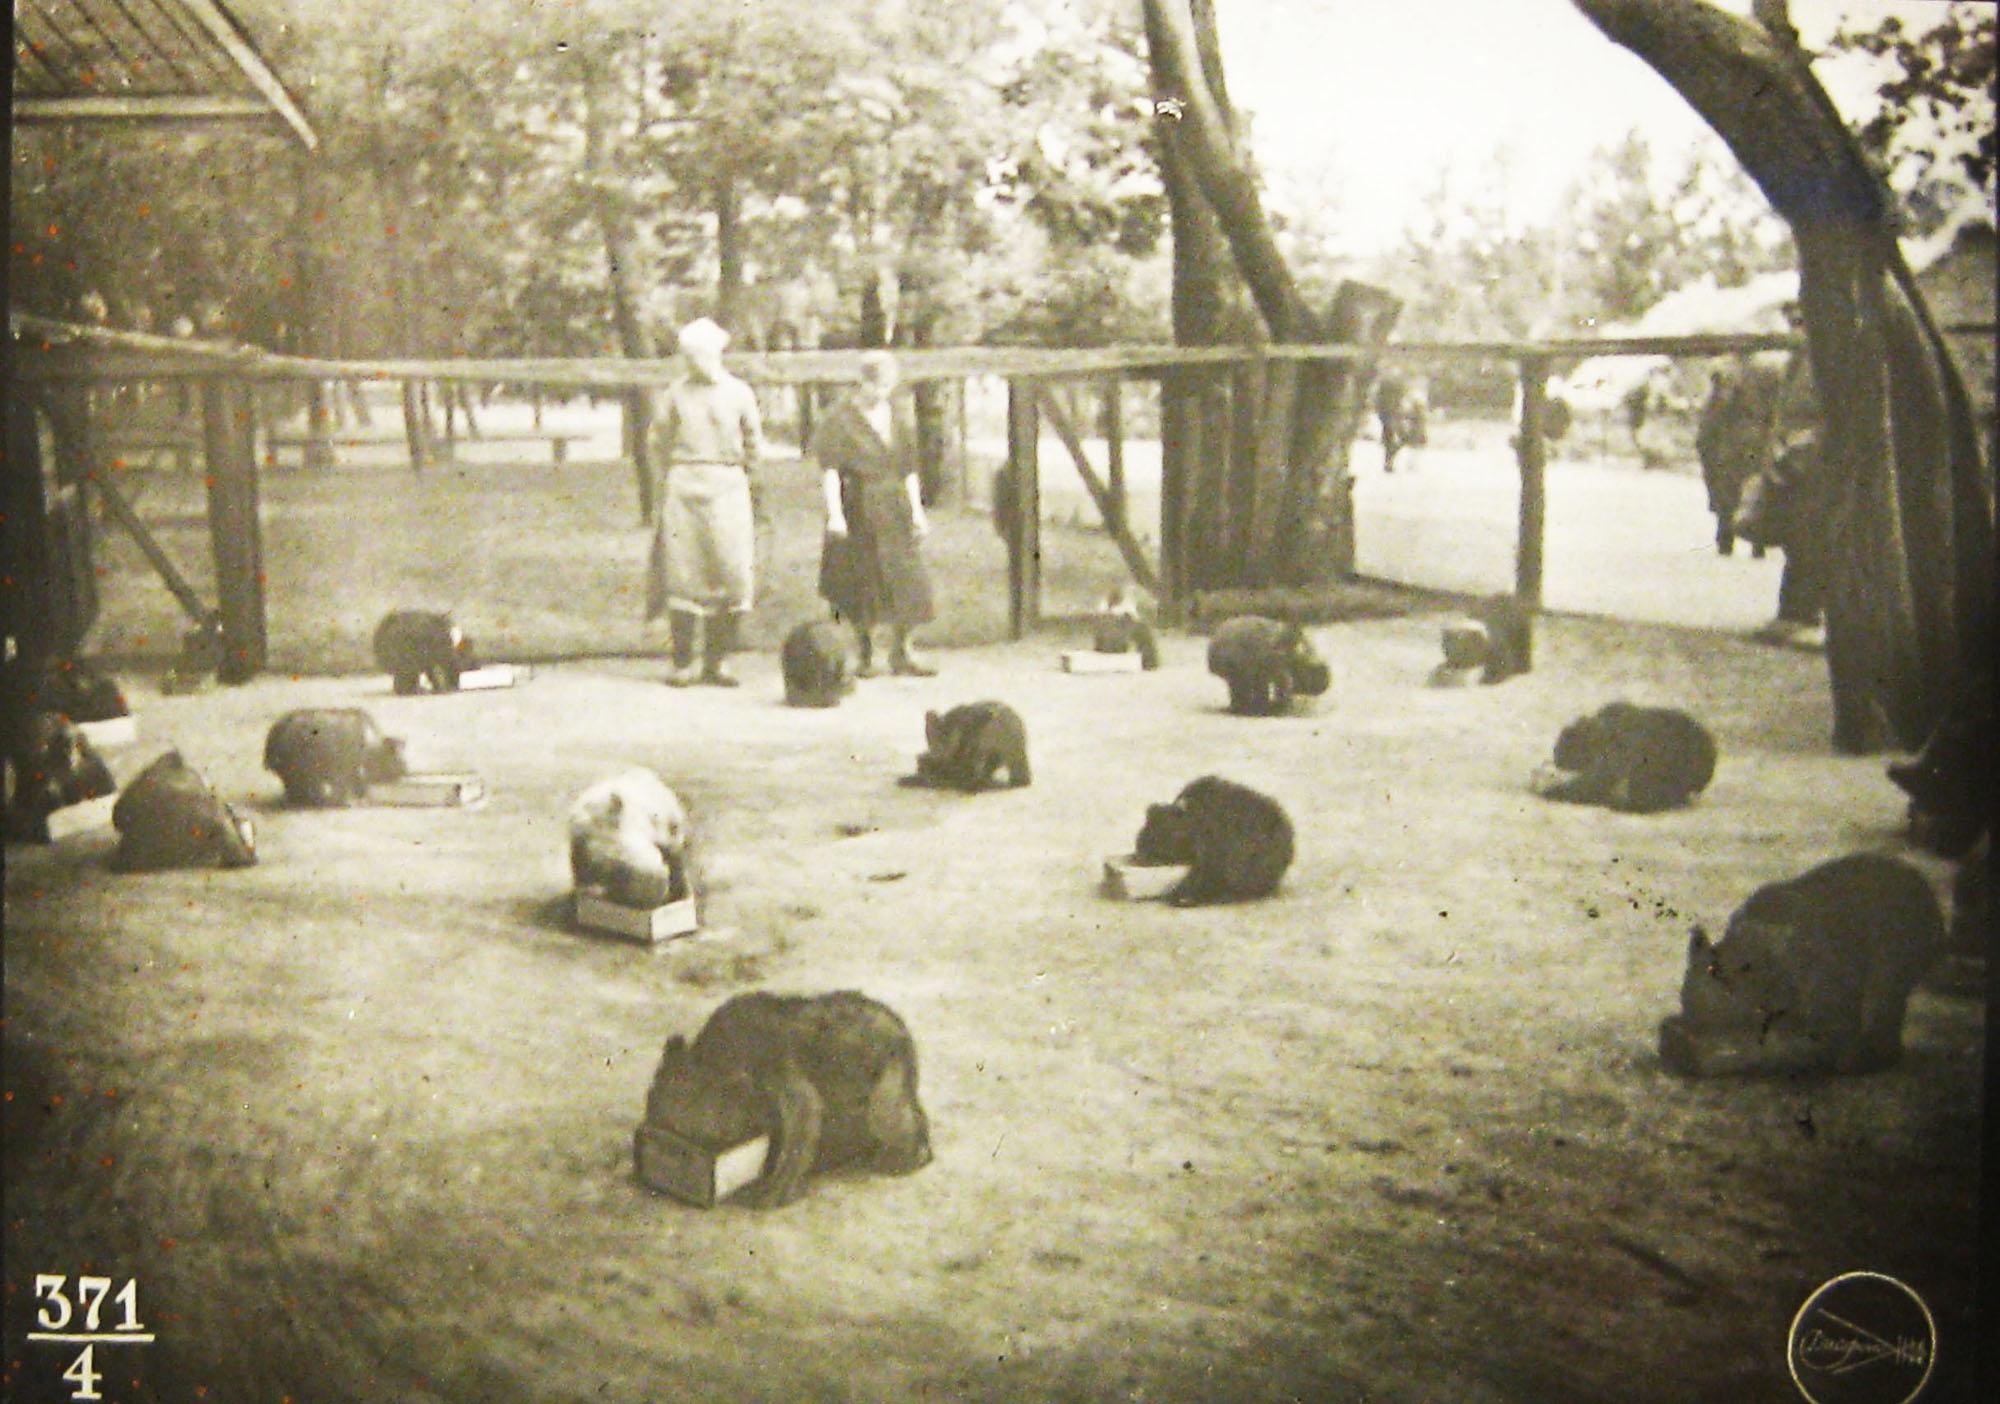 Обед на площадке молодняка. Диапозитив из серии «Мохнатый детский сад», 1937 год. Фото: архив Веры Ч